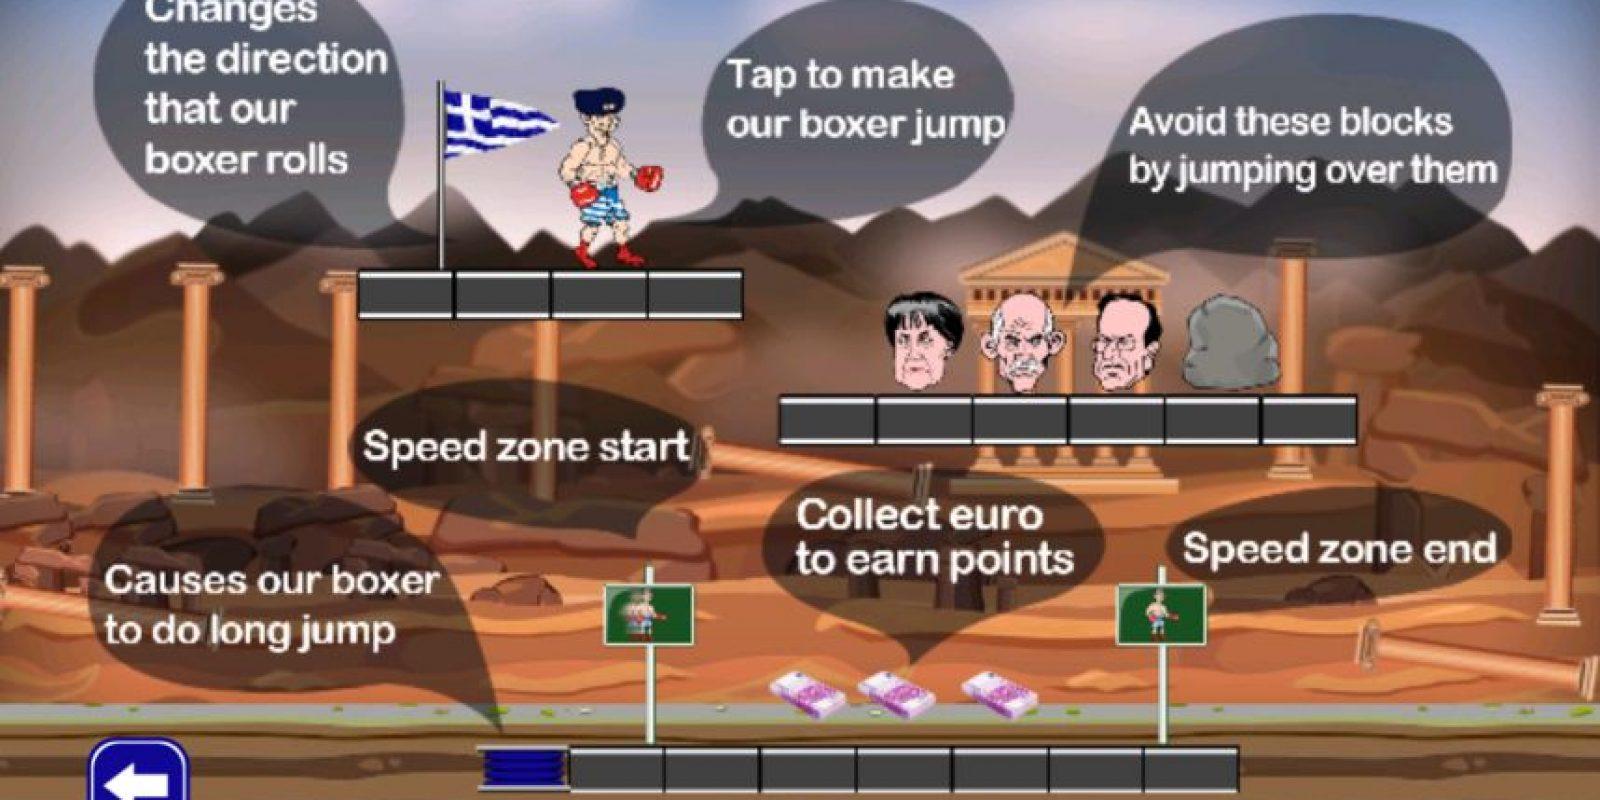 El objetivo es recolectar la mayor cantidad de euros al correr Foto:AAAppDev – Google Play